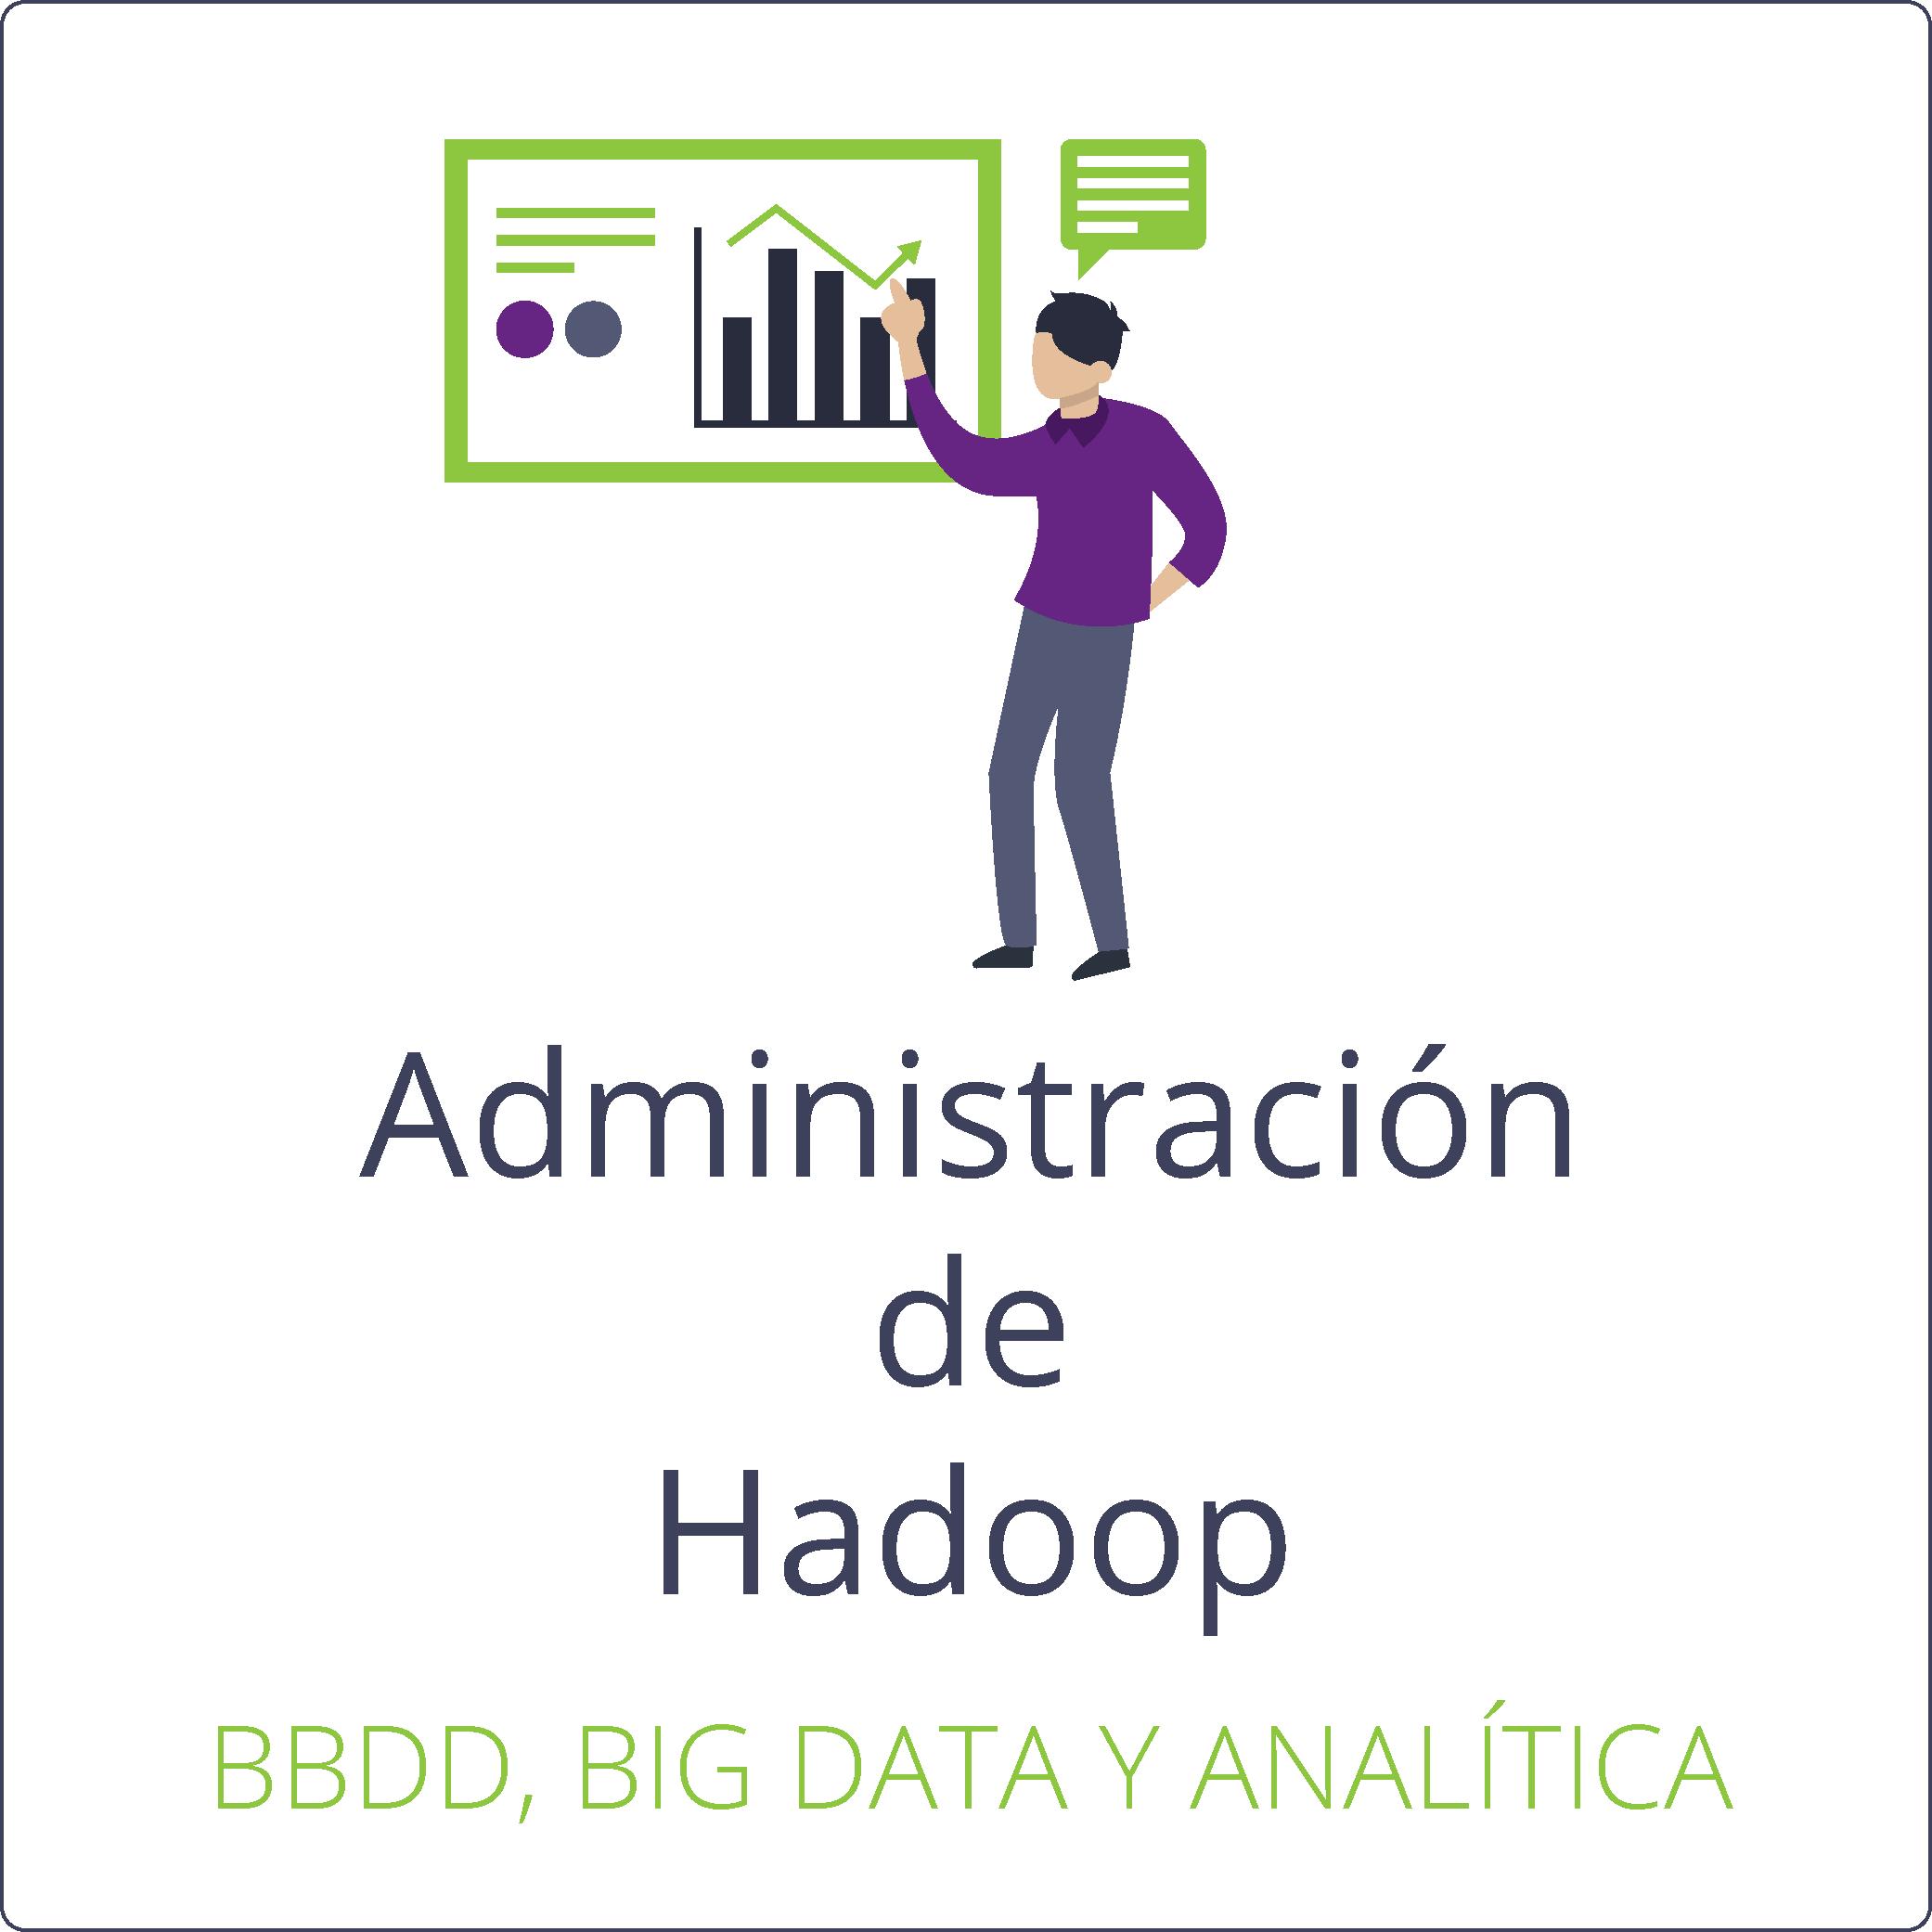 Administración de Hadoop